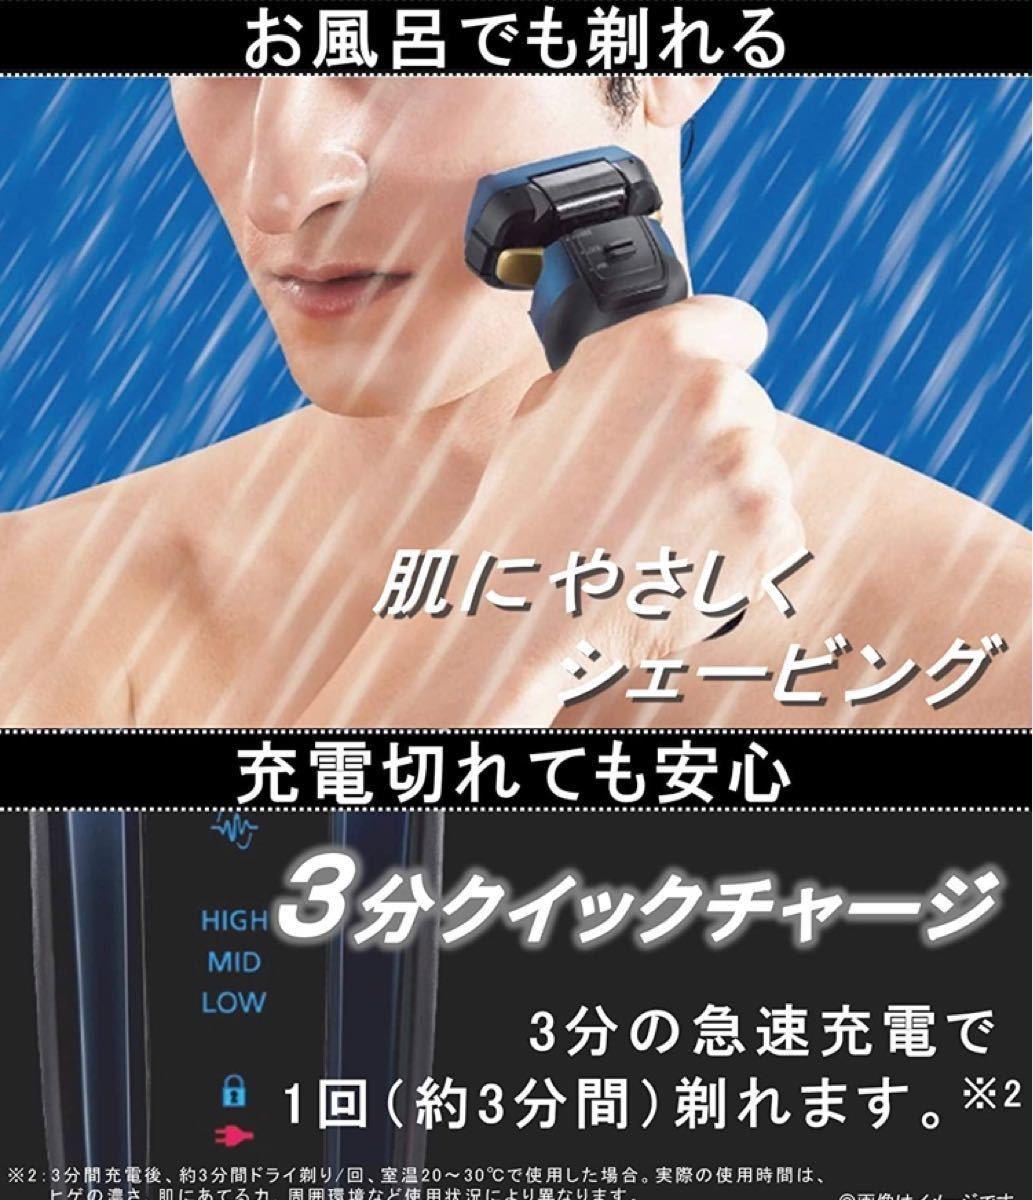 パナソニック ラムダッシュ リニア メンズシェーバー 5枚刃 お風呂剃り可 青 ES-CLV7T-A